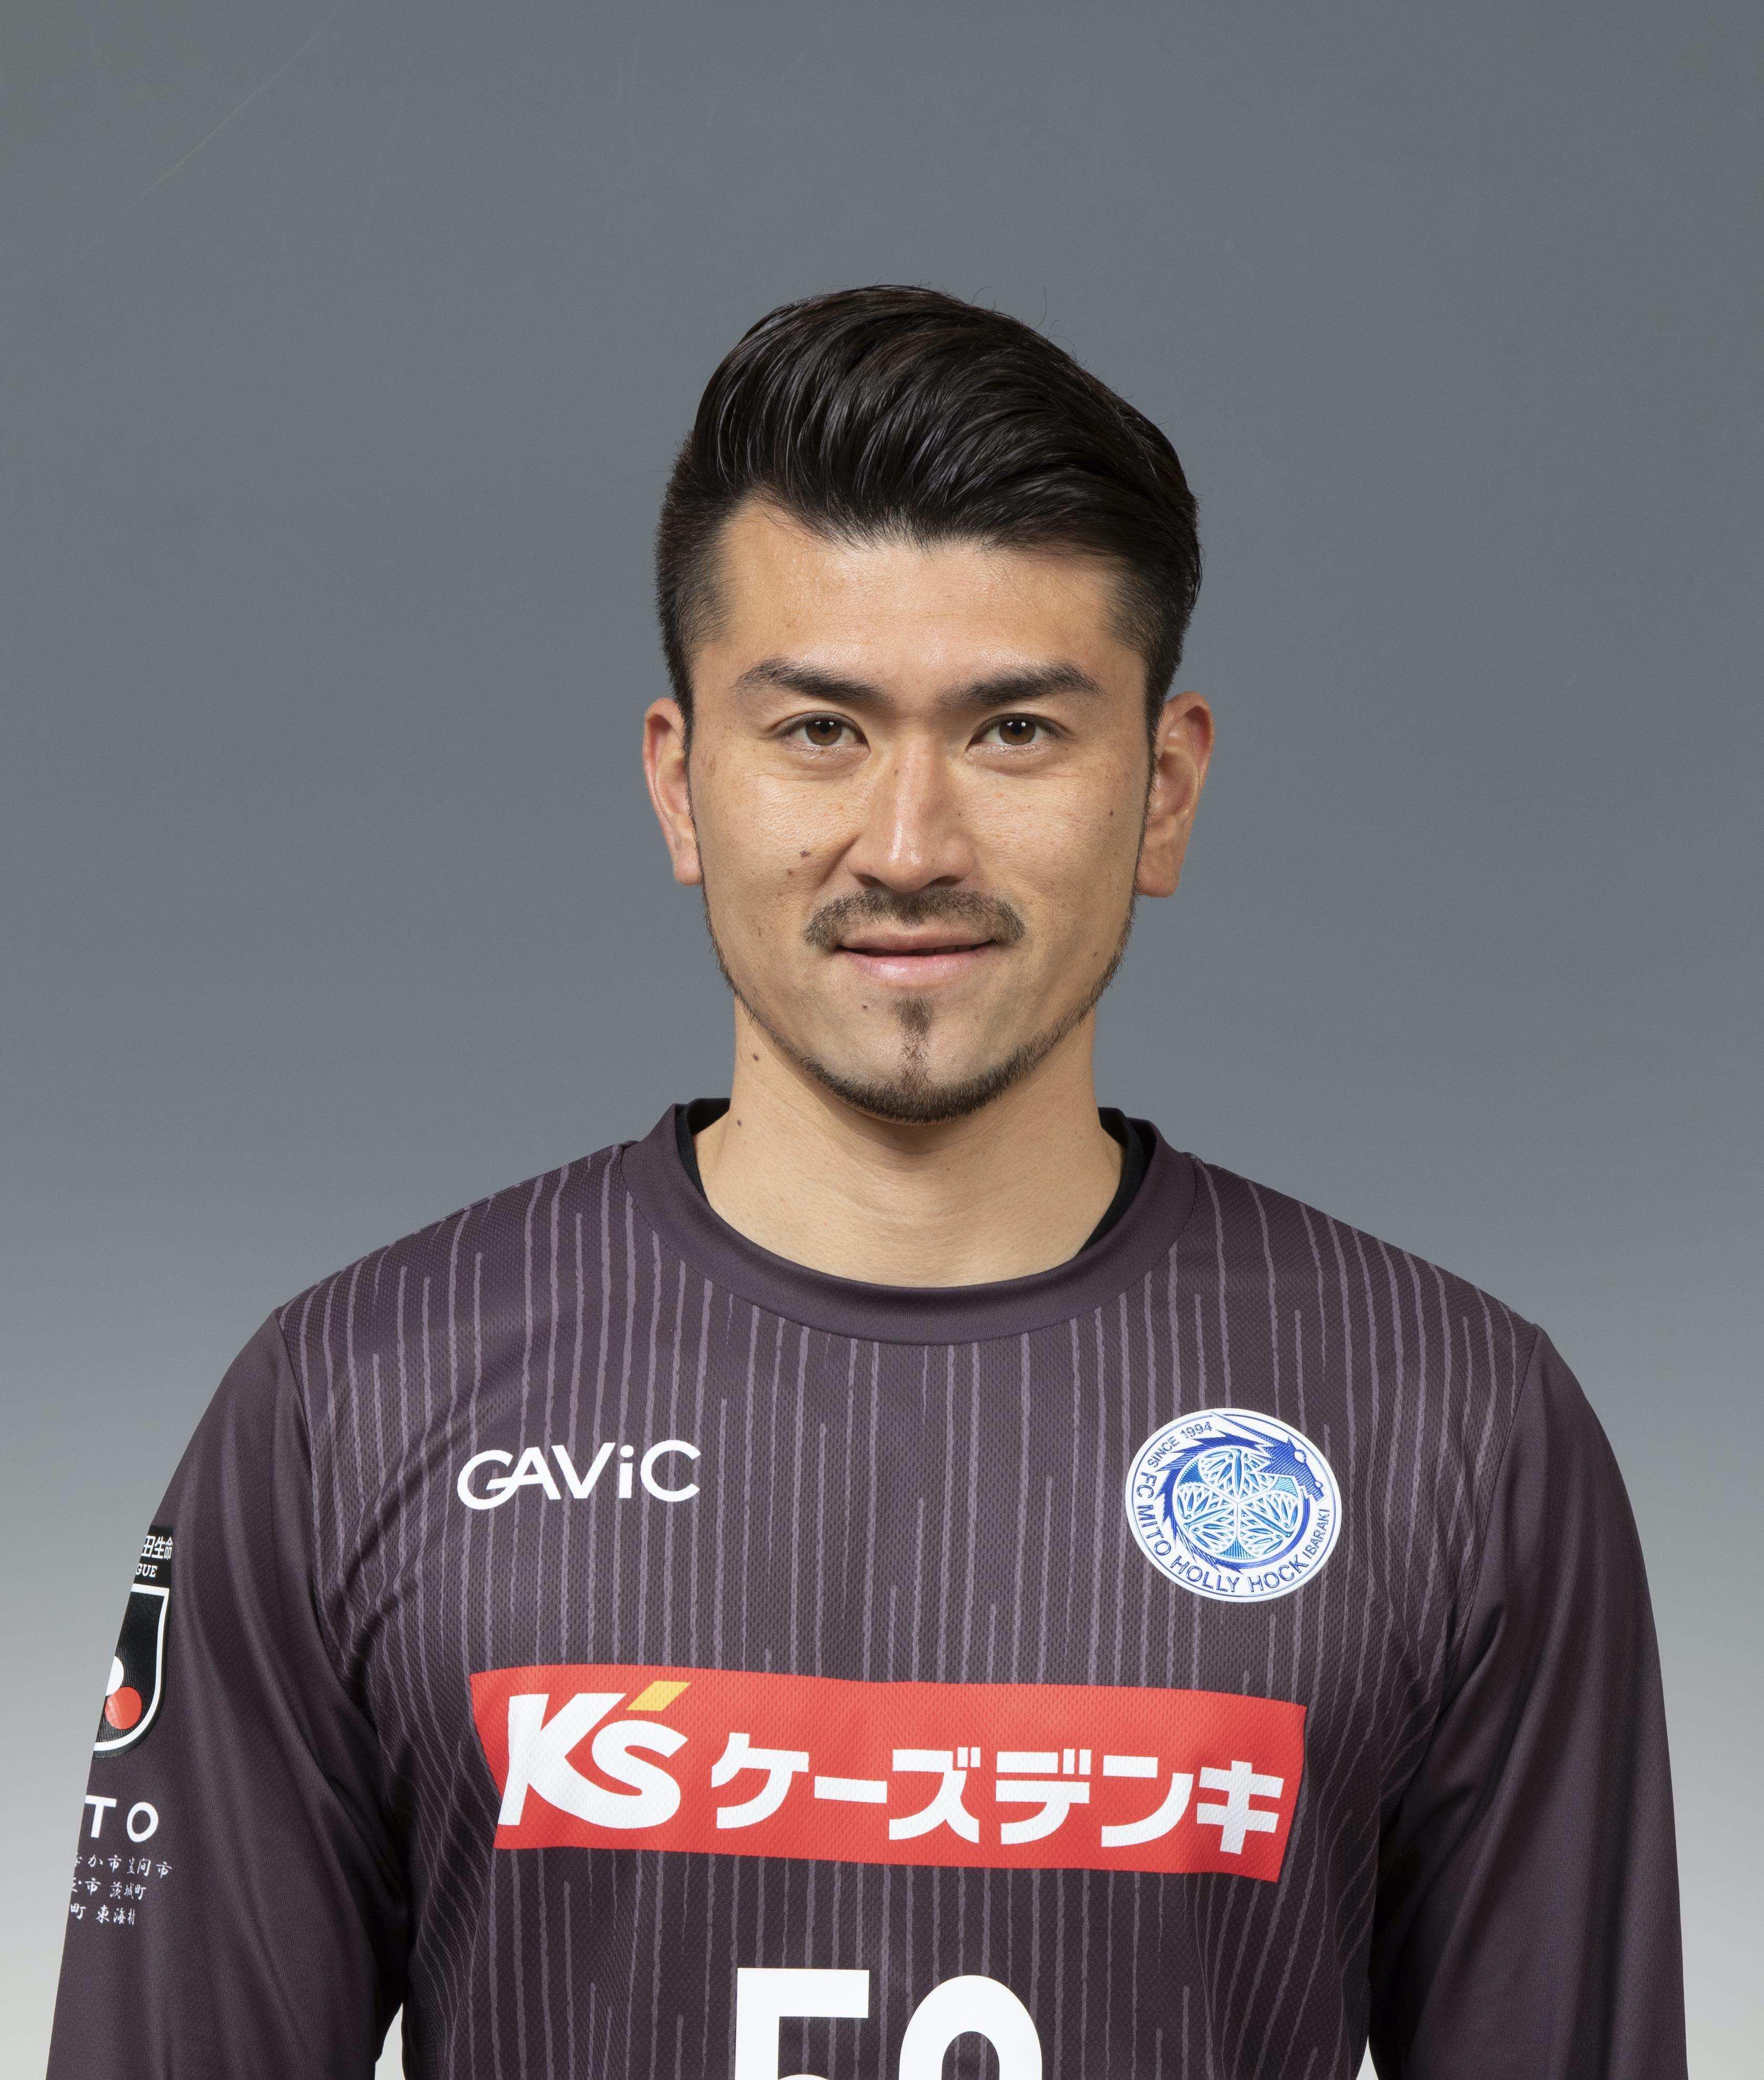 【本人直筆サイン入り公式】2019シーズンユニフォーム2nd 50松井謙弥 選手